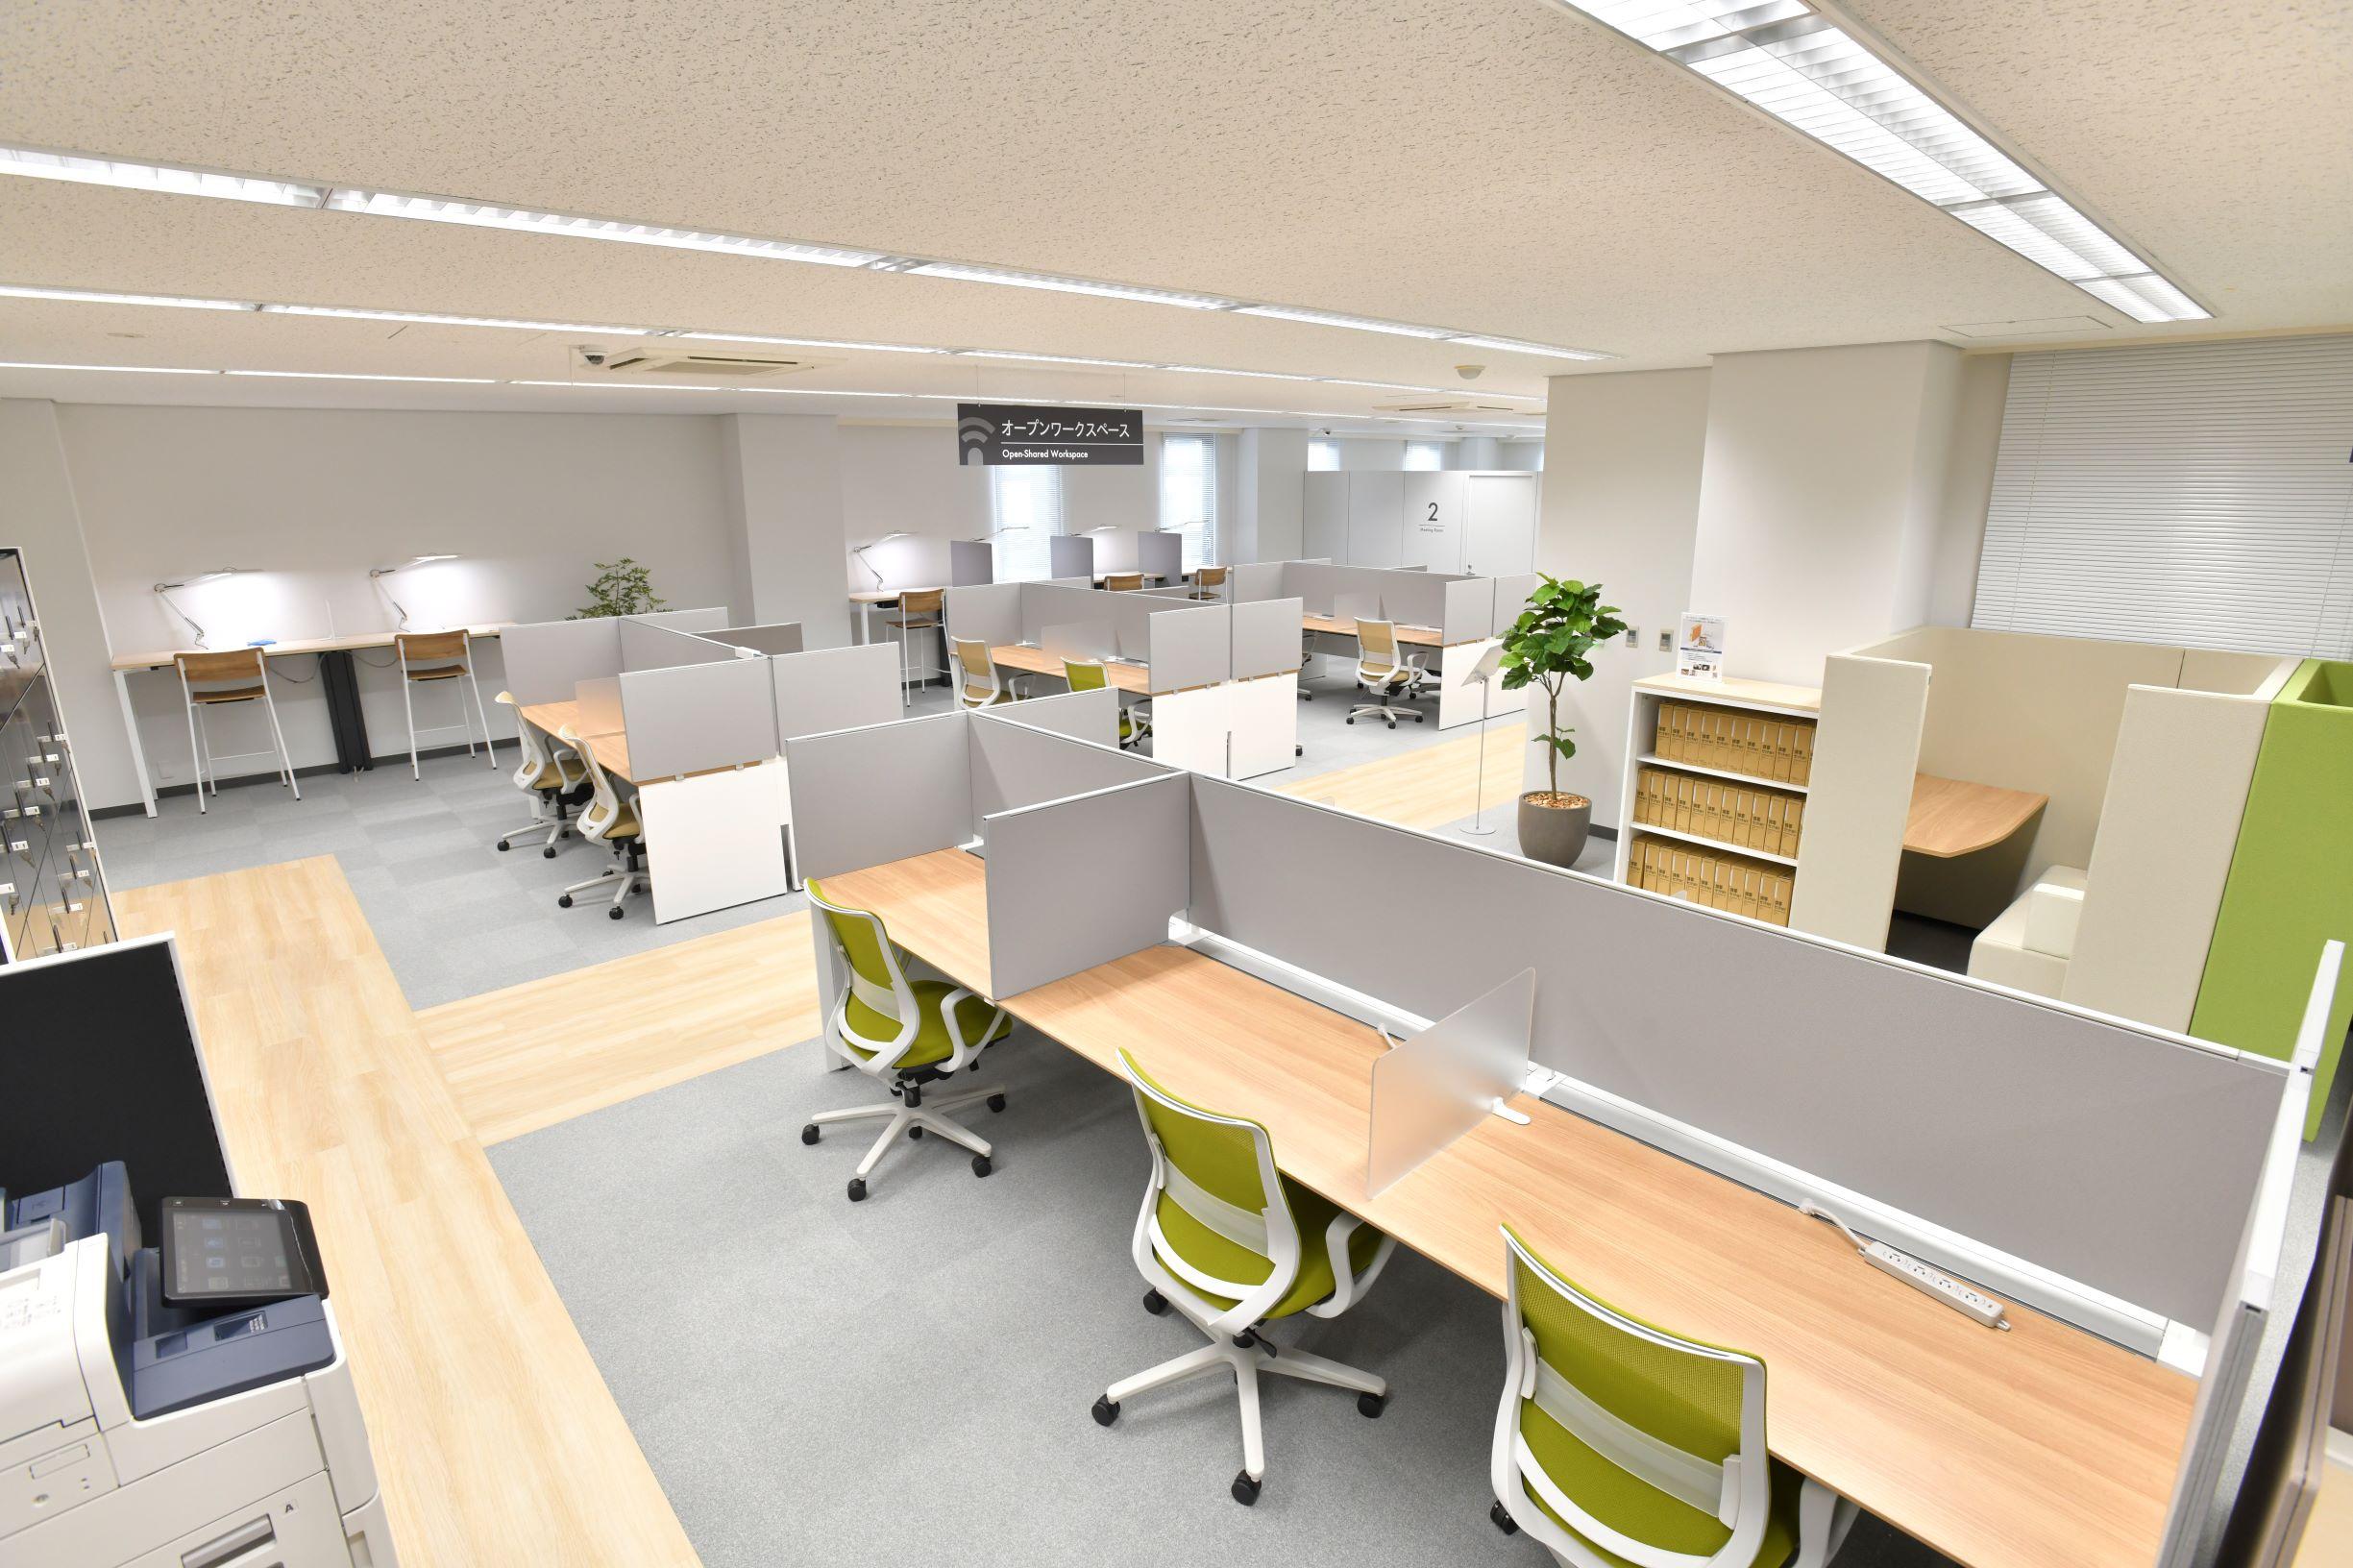 東京都がサテライトオフィスの利用を推進!「TOKYOテレワーク・モデルオフィス」とは?